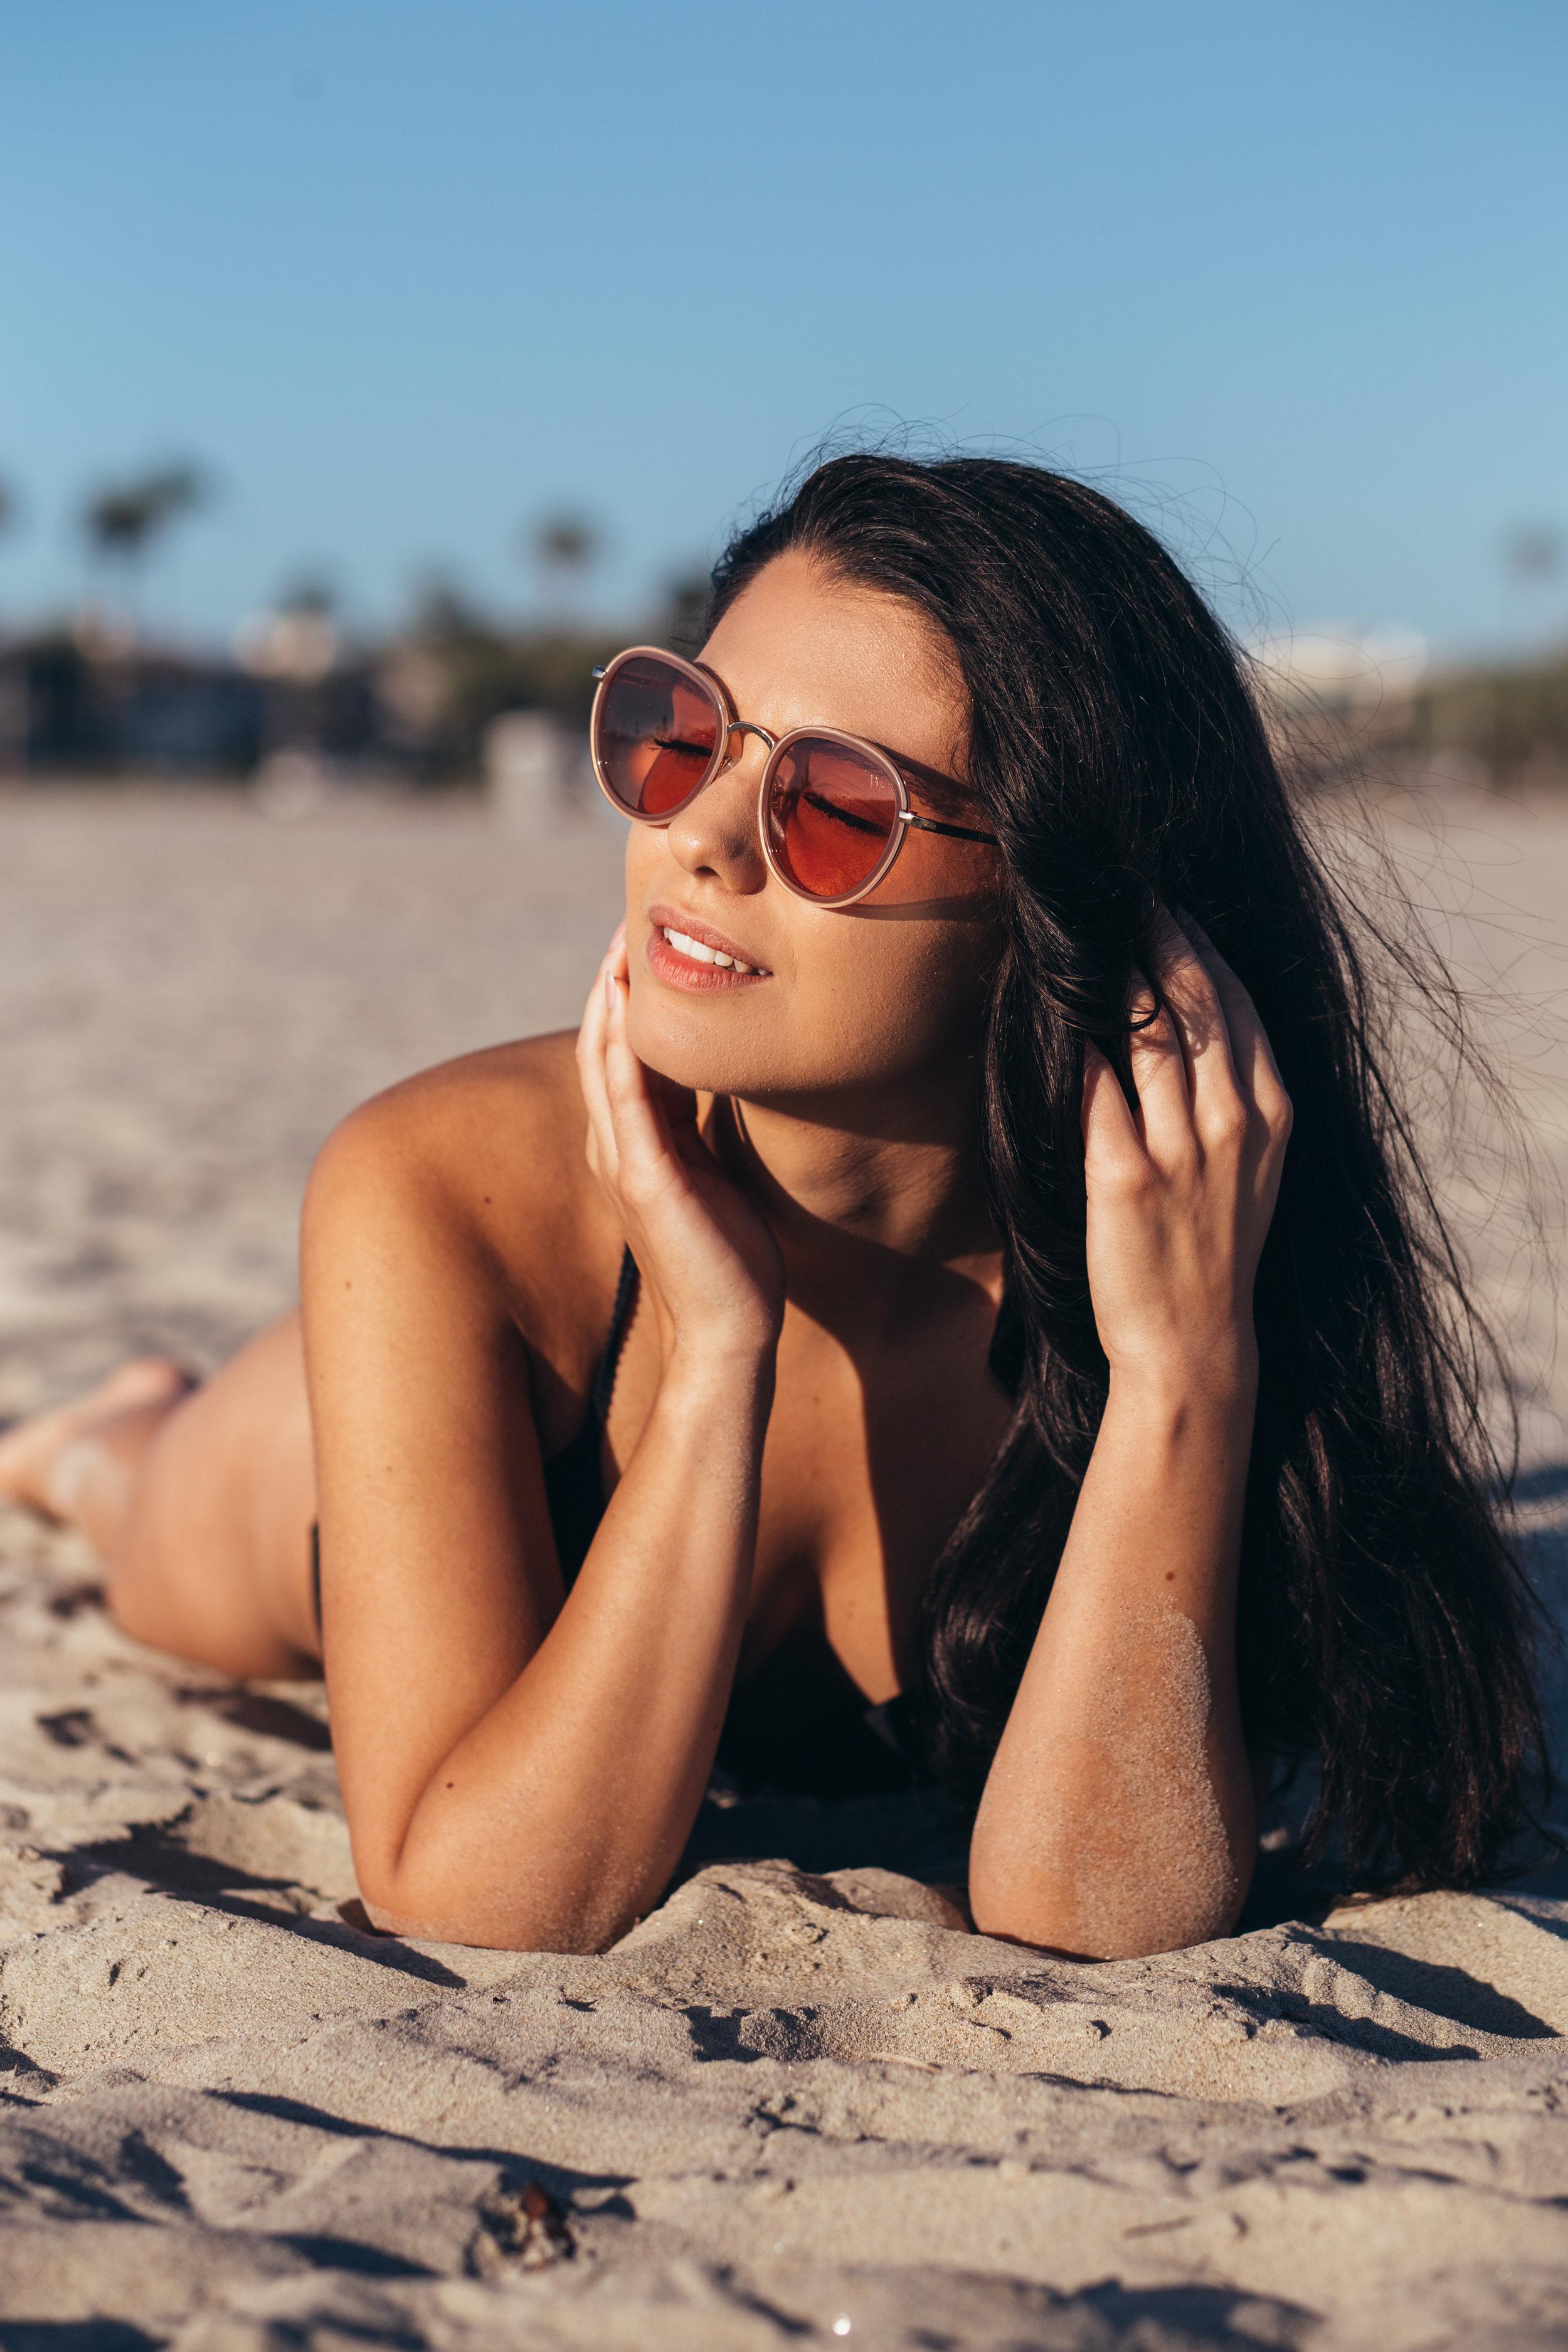 @dianalexandru is wearing Prestige in desert blush. Photo by @nicovilln